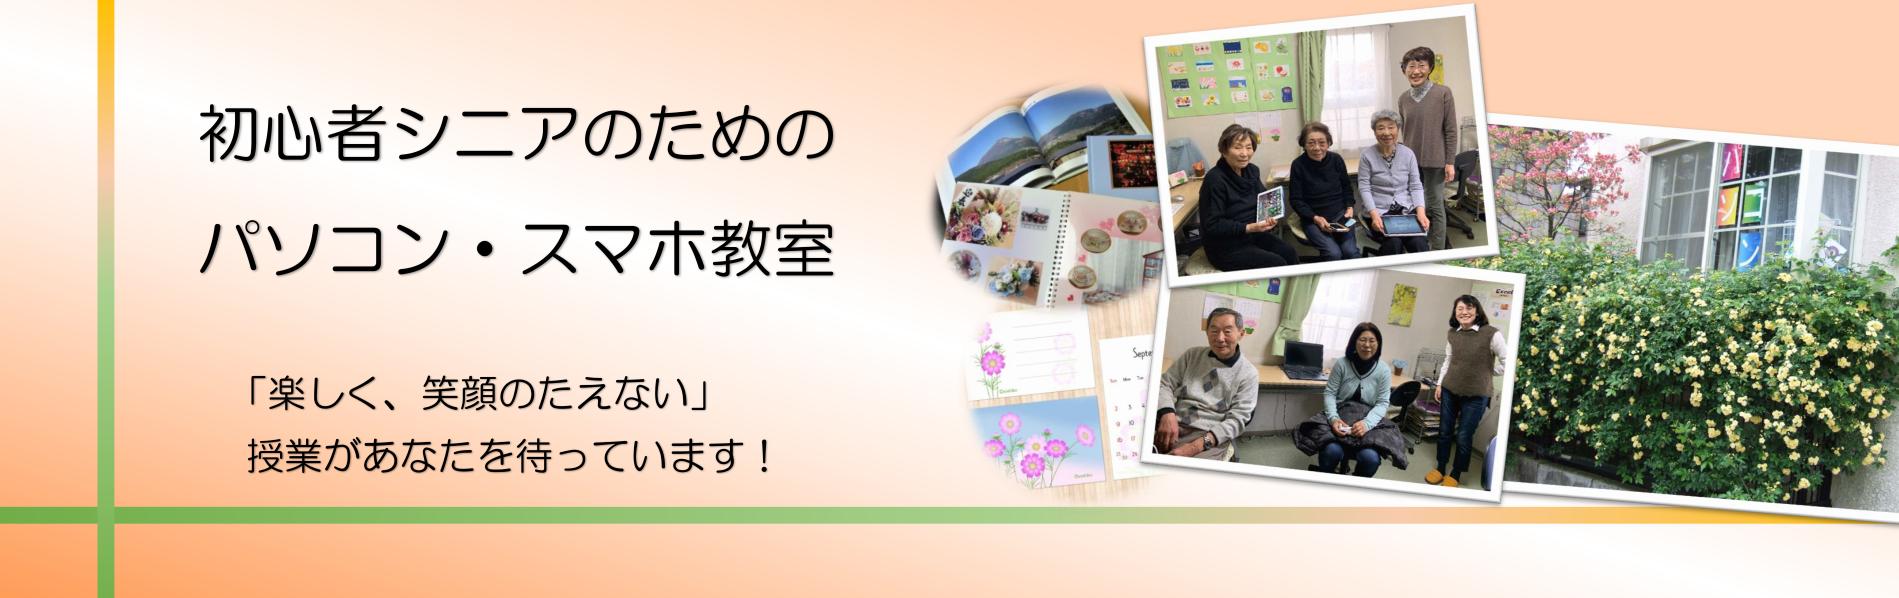 浜田山iスクール写真